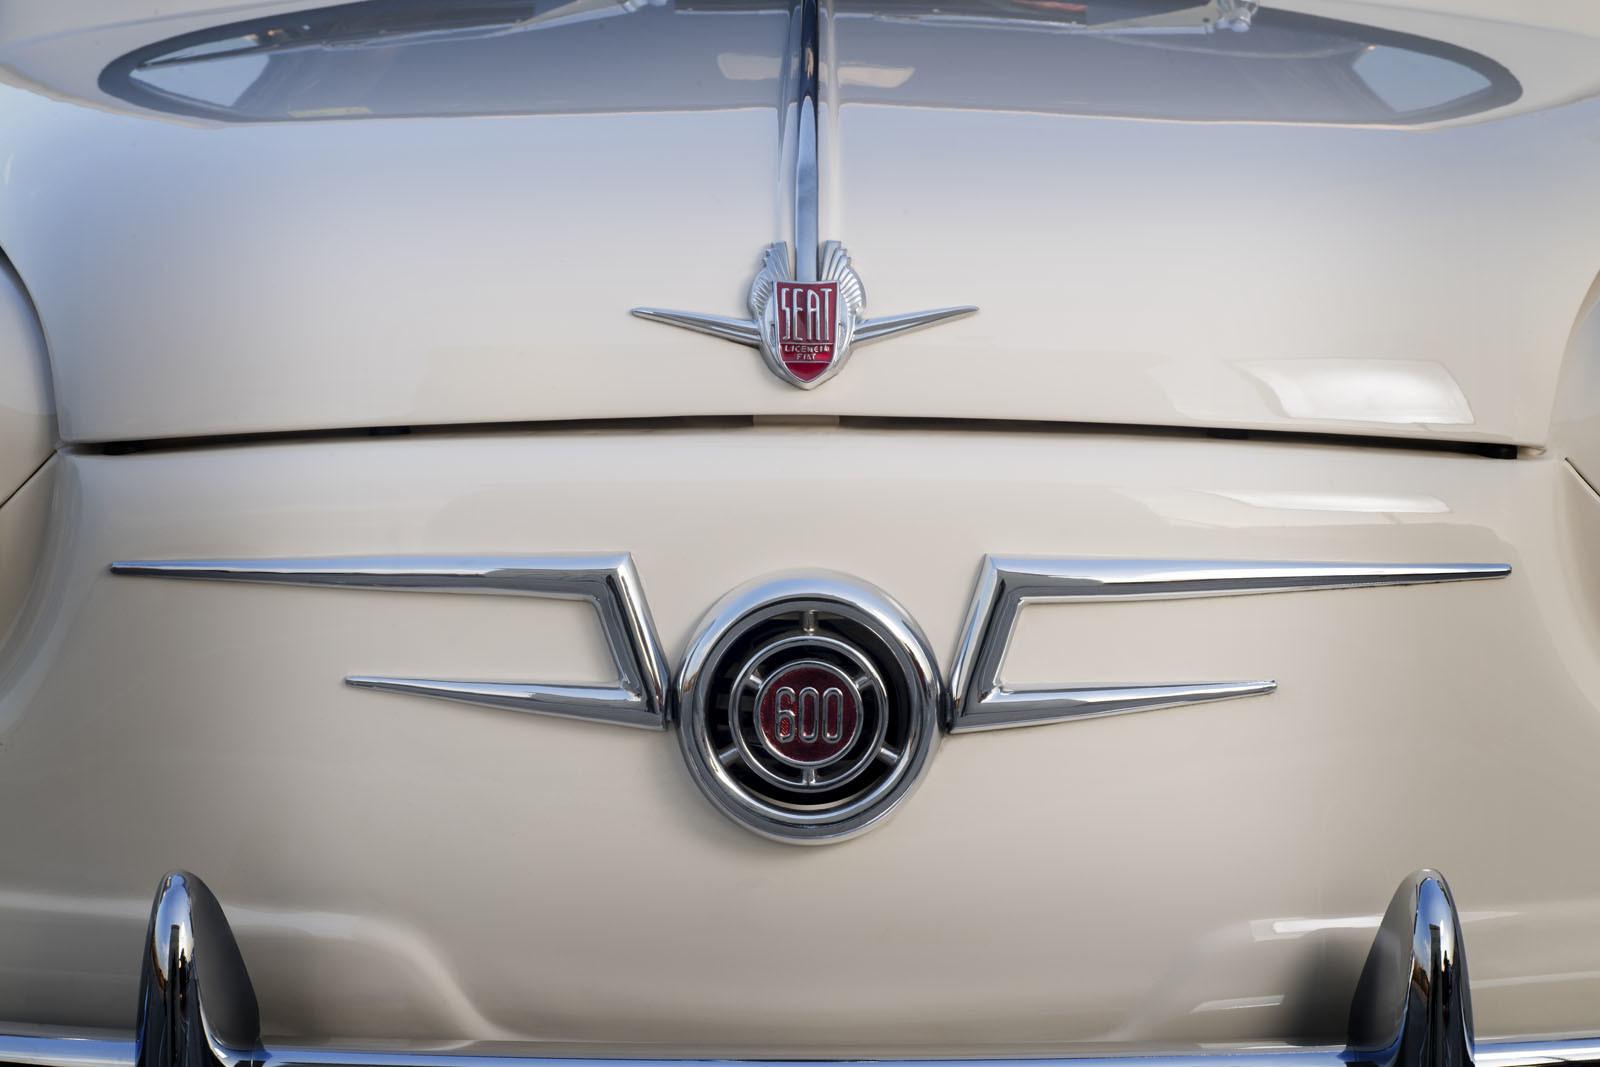 Foto de SEAT 600 (50 Aniversario) (18/64)